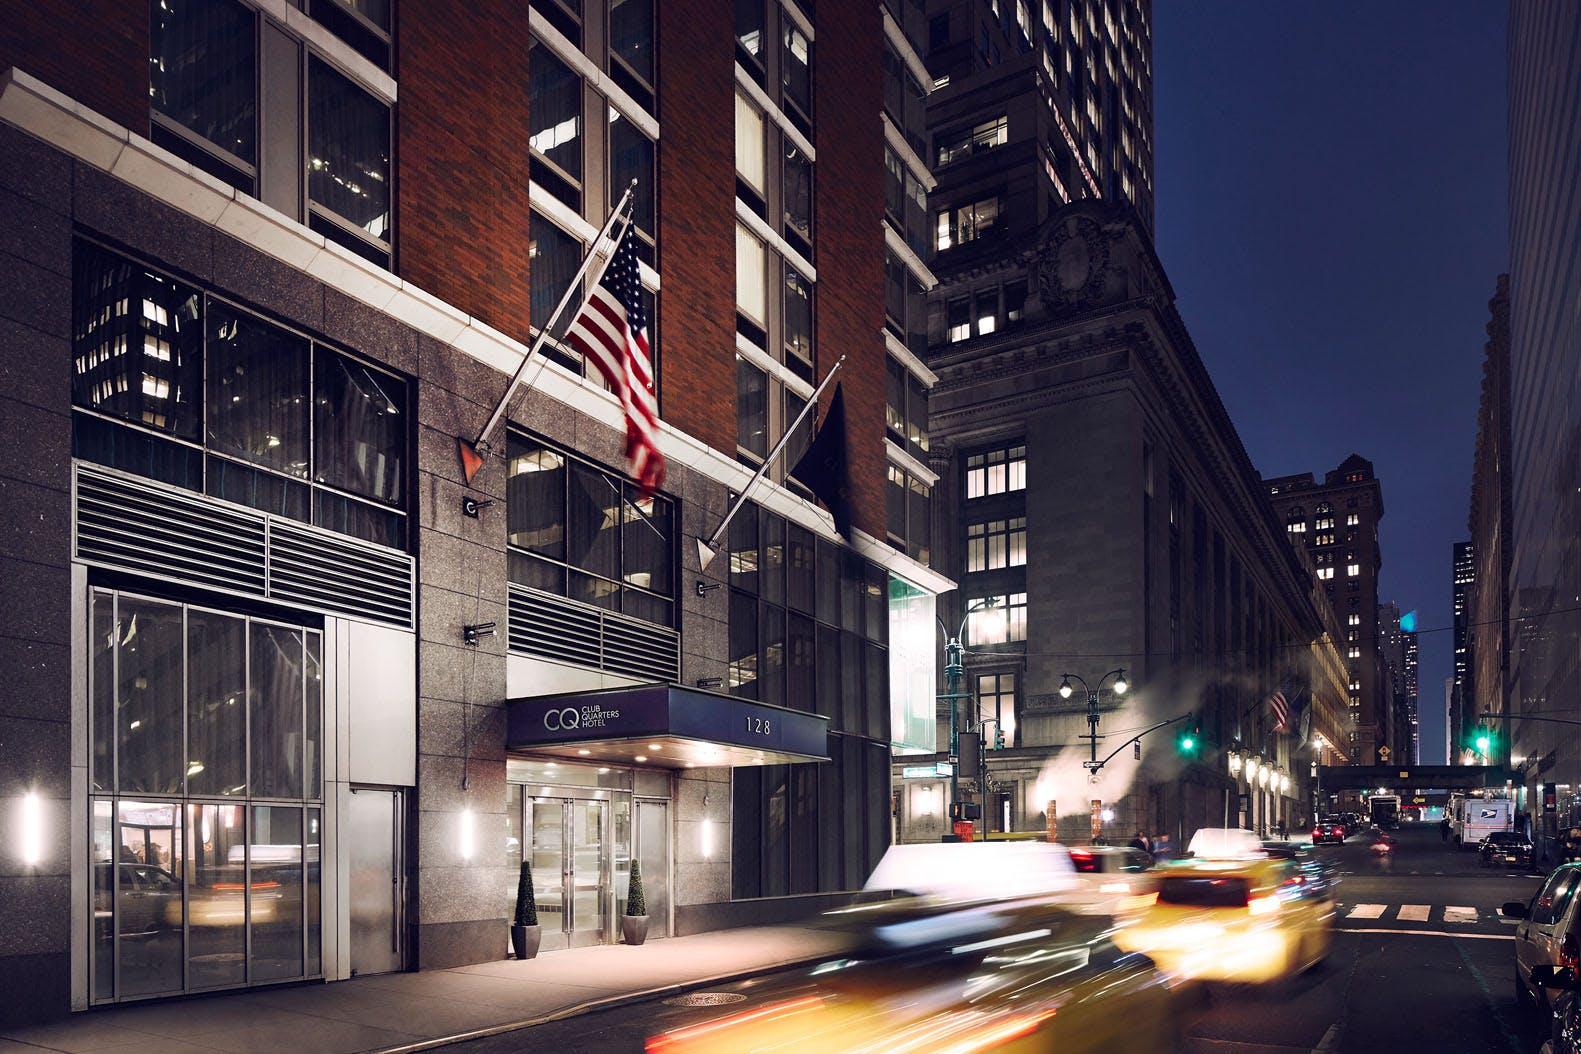 Club Quarters Hotel, Grand Central New York City